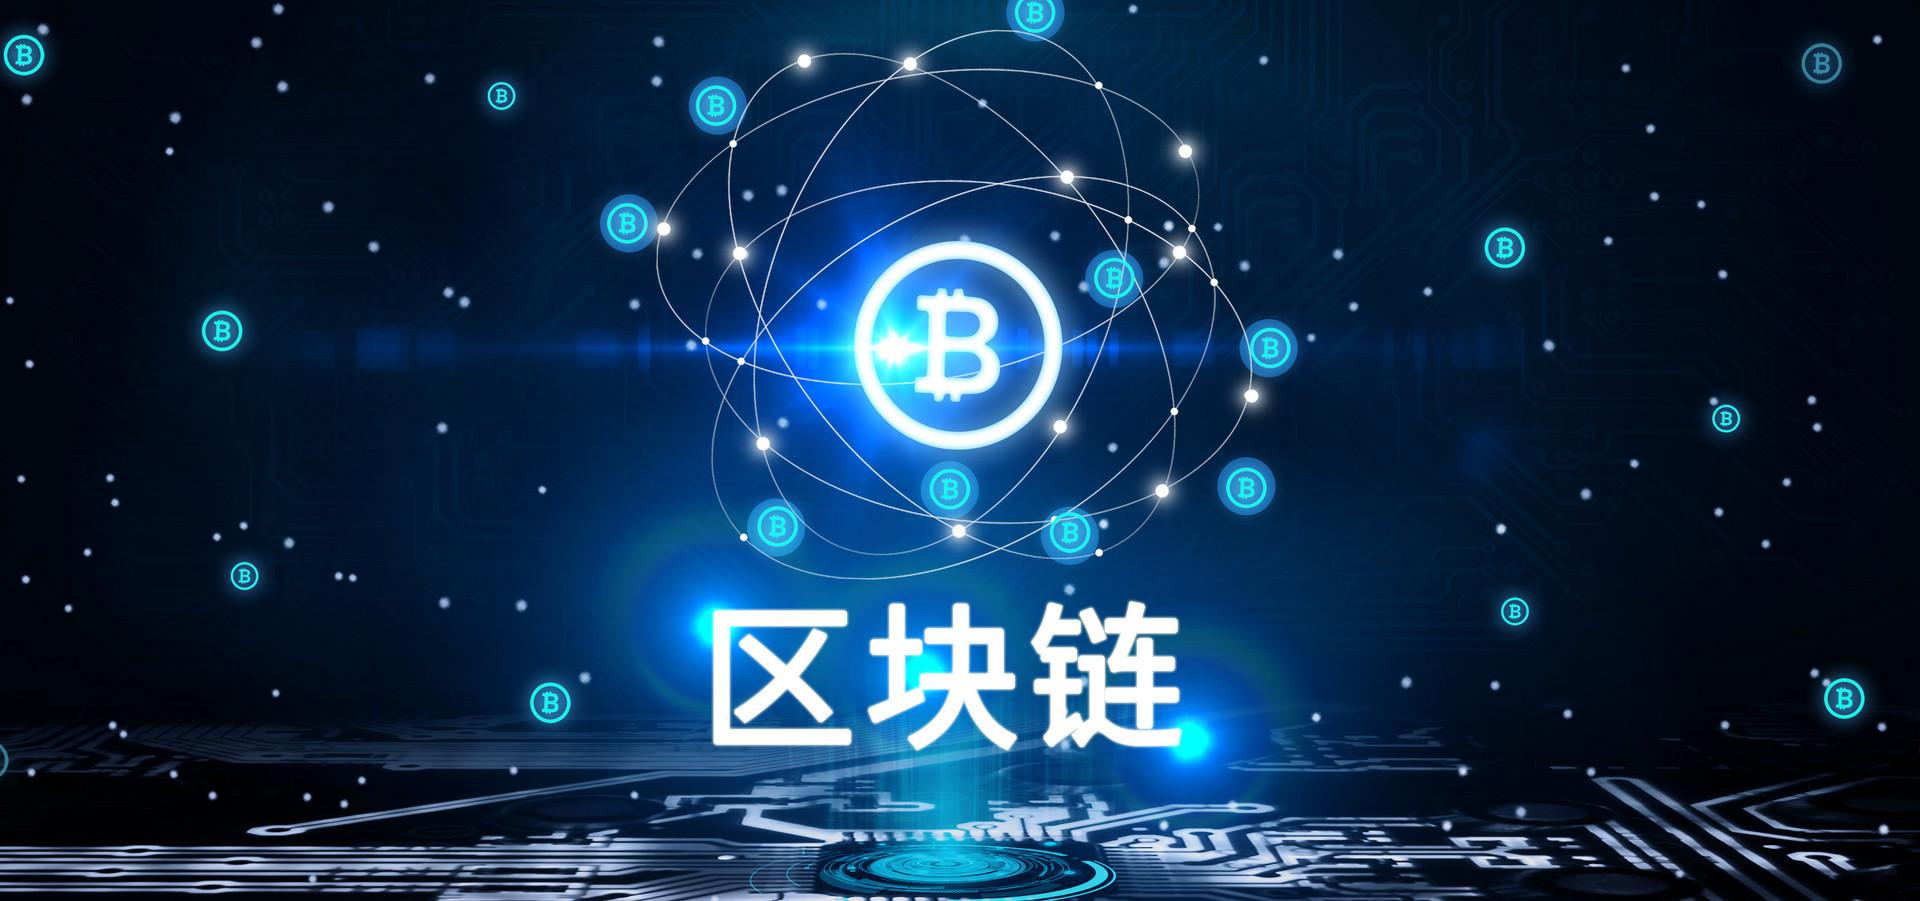 国家网信办发布第二批境内区块链